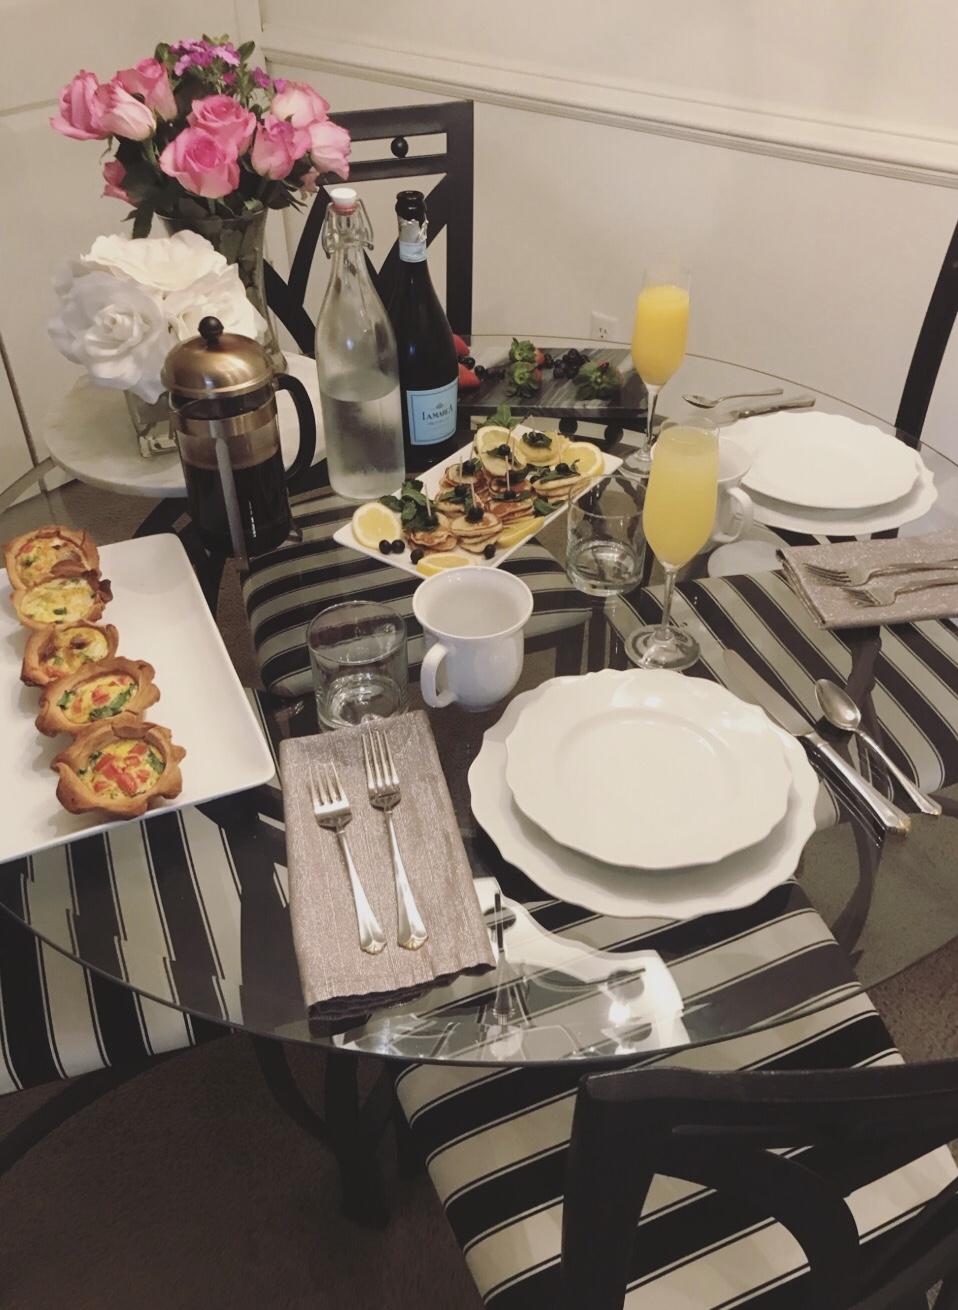 Breakfast at Katie's -